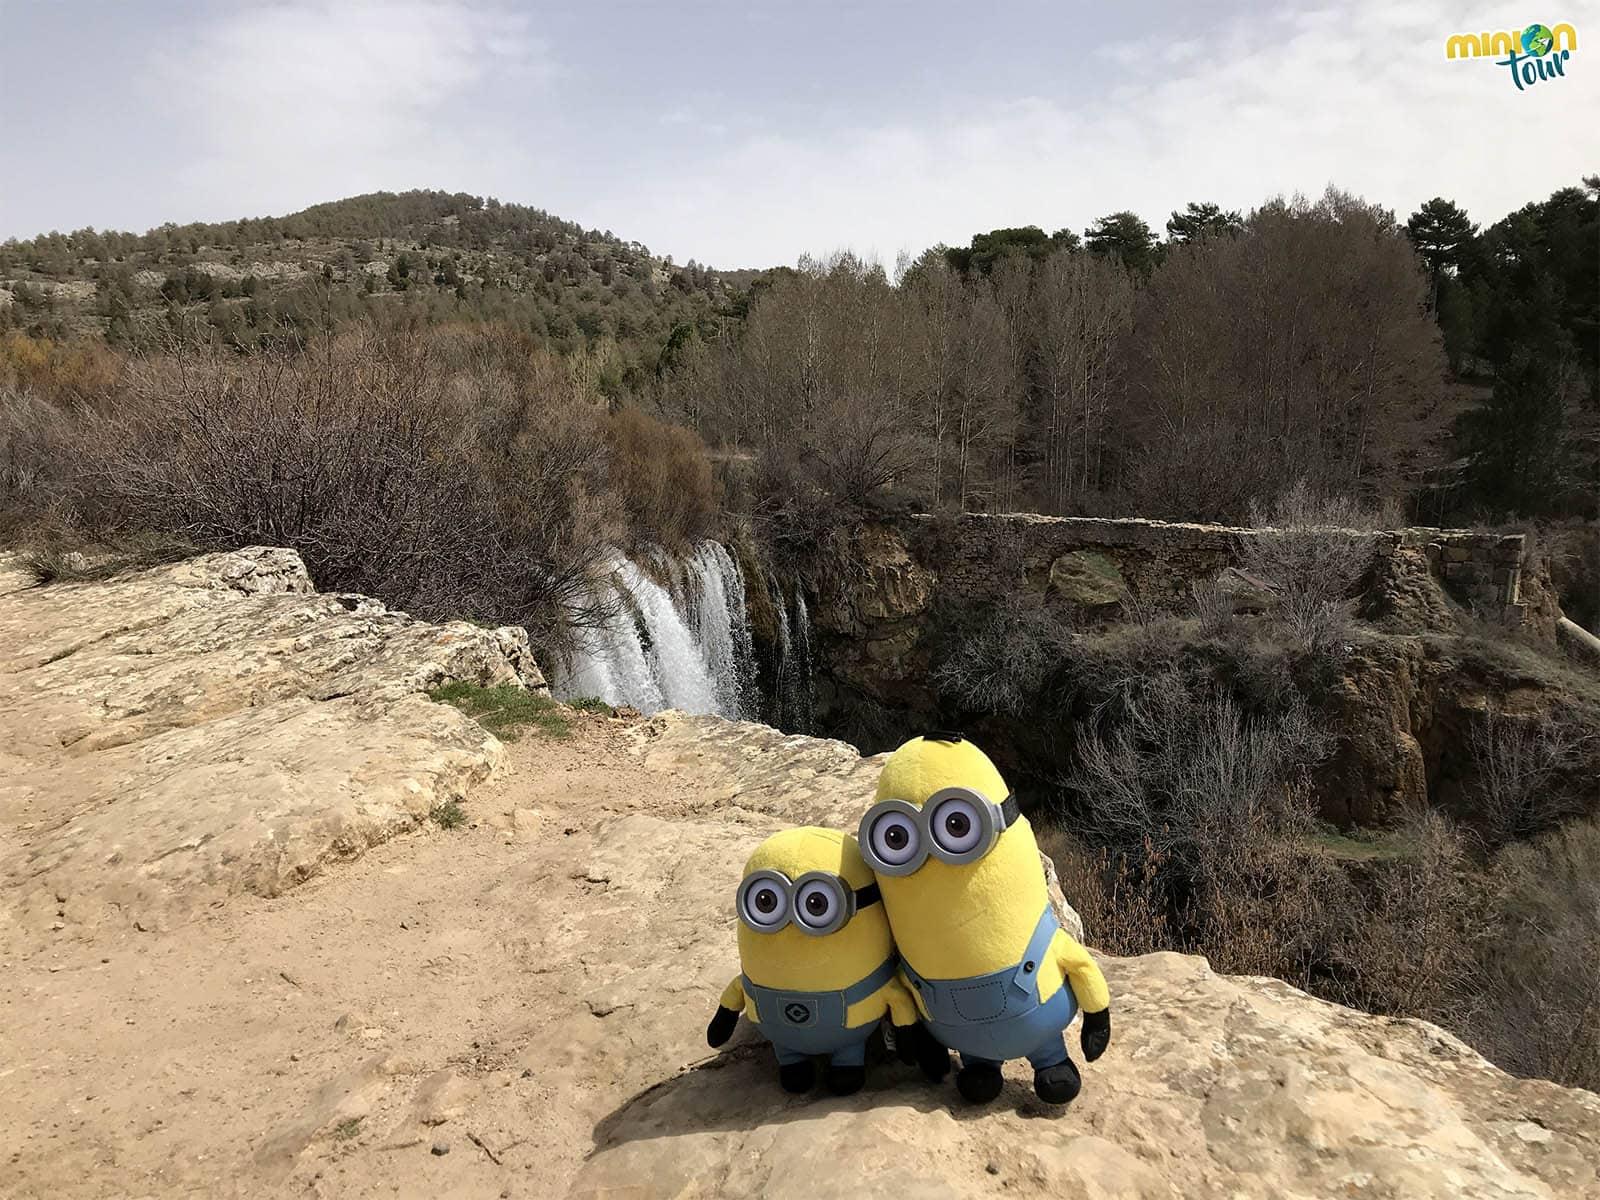 Dos Minions en la cascada del Molino de San Pedro en El Vallecillo